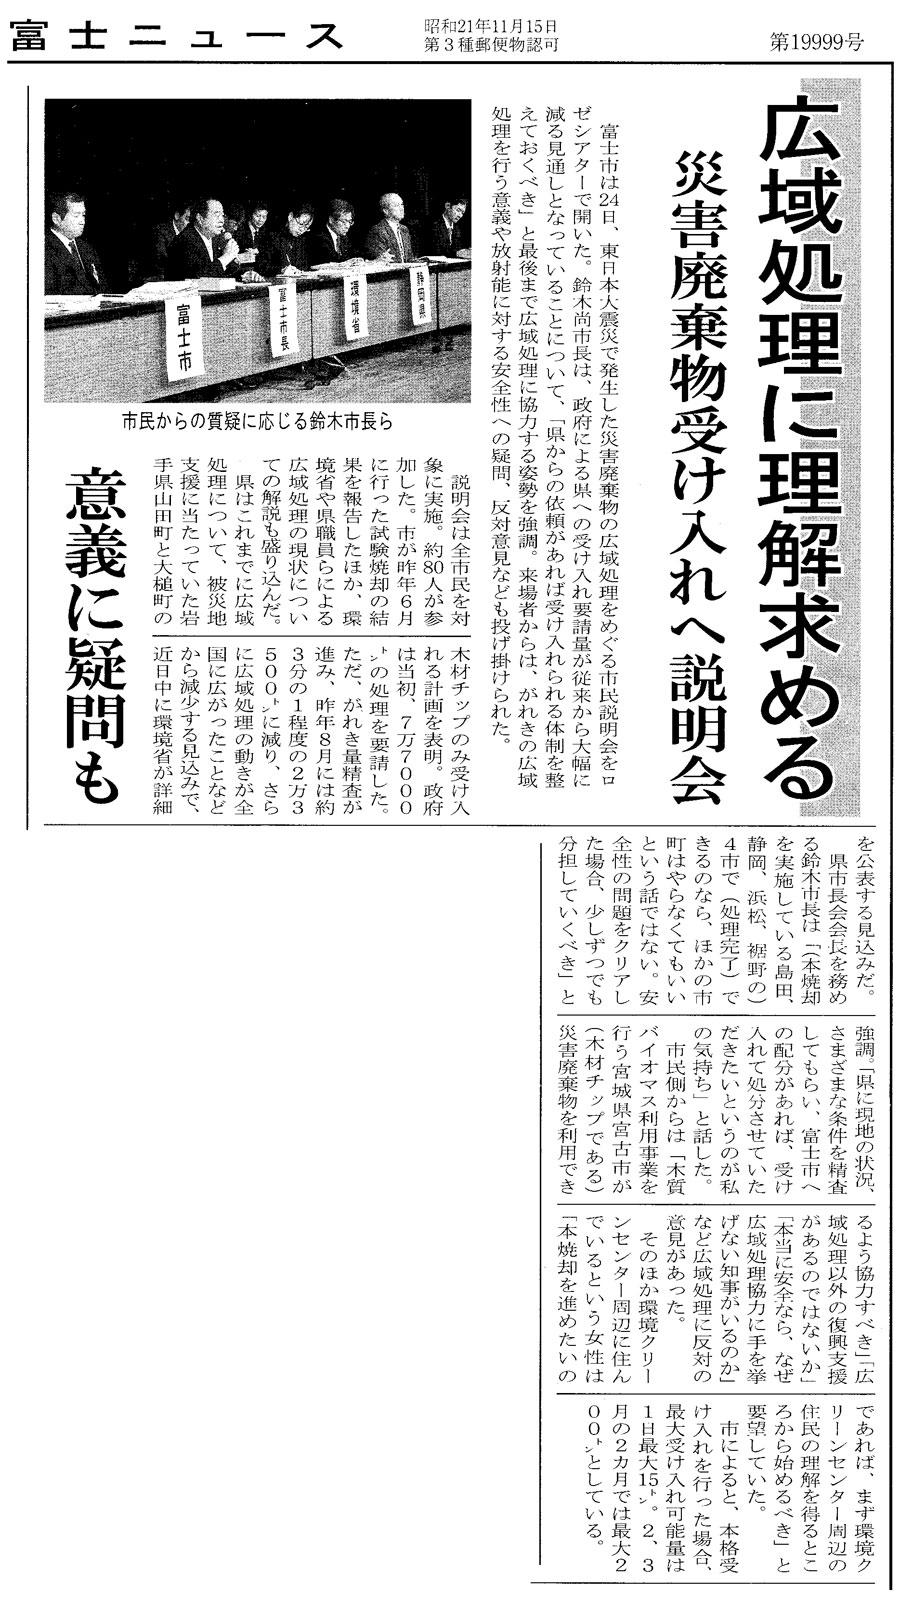 1/26富士市説明会